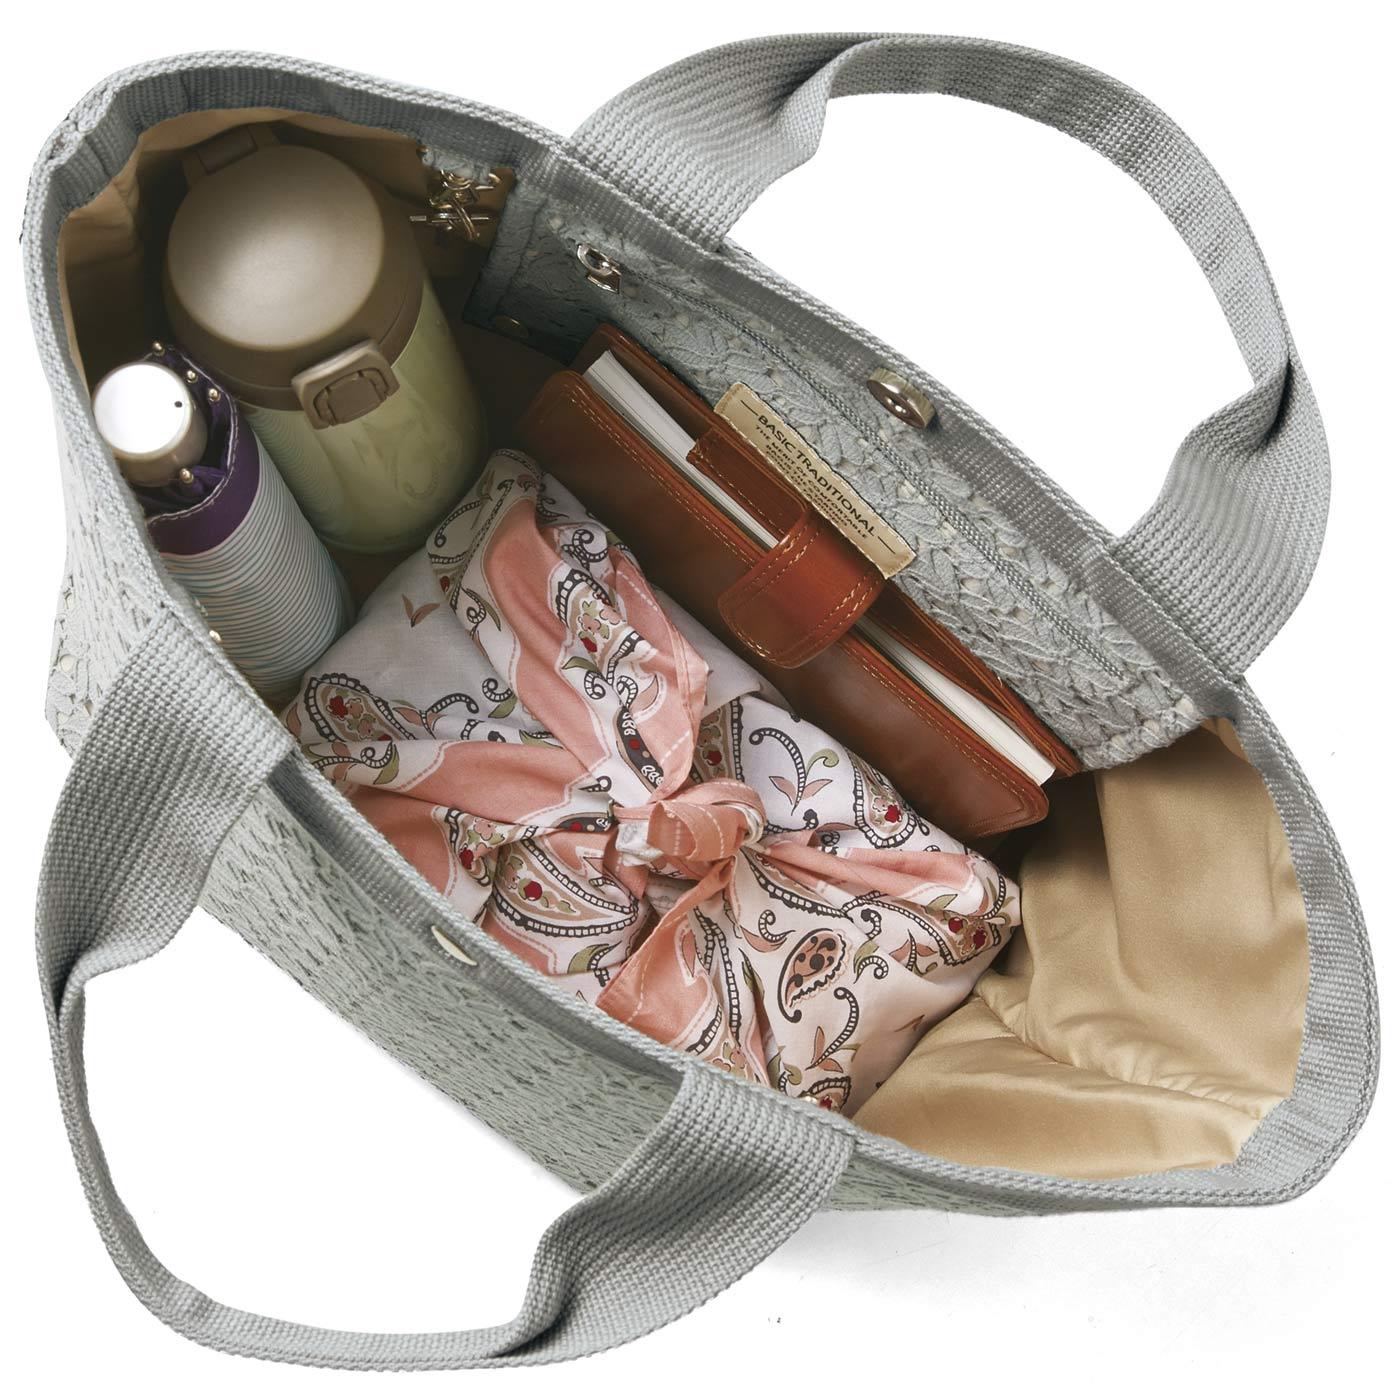 Kraso[クラソ]  底まちたっぷりでいっぱい入るのにシュッと見え さわやかお花レースの自立する大きめトートバッグ お弁当箱や500mℓのペットボトル、長財布など、あれこれたくさん収納できます。